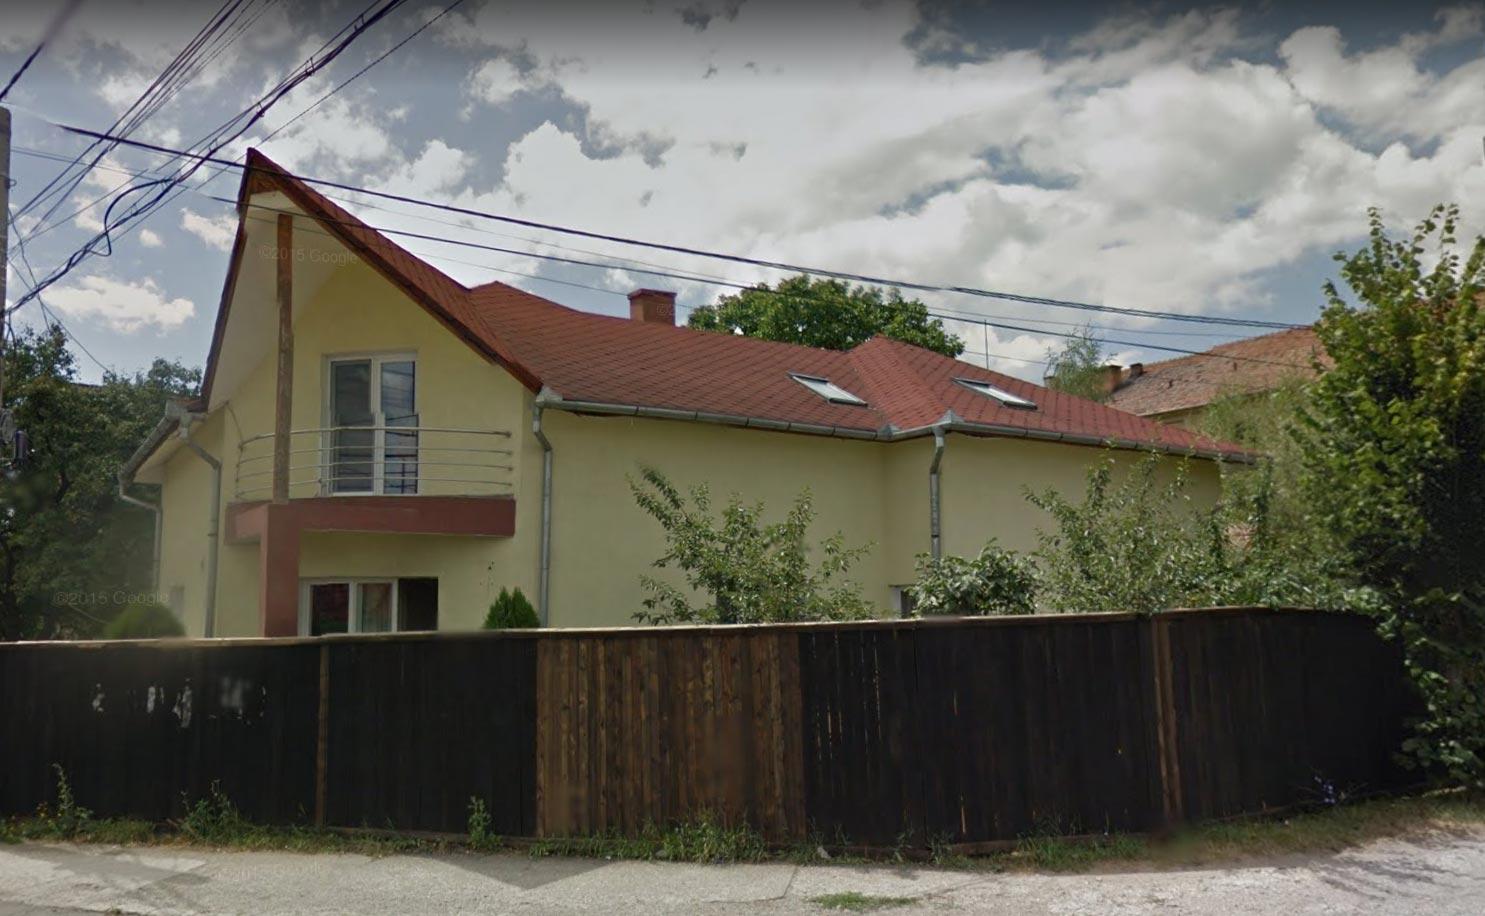 Casa S+P+M 130mp + teren intravilan 911mp, Sfantu Gheorghe, jud. Covasna